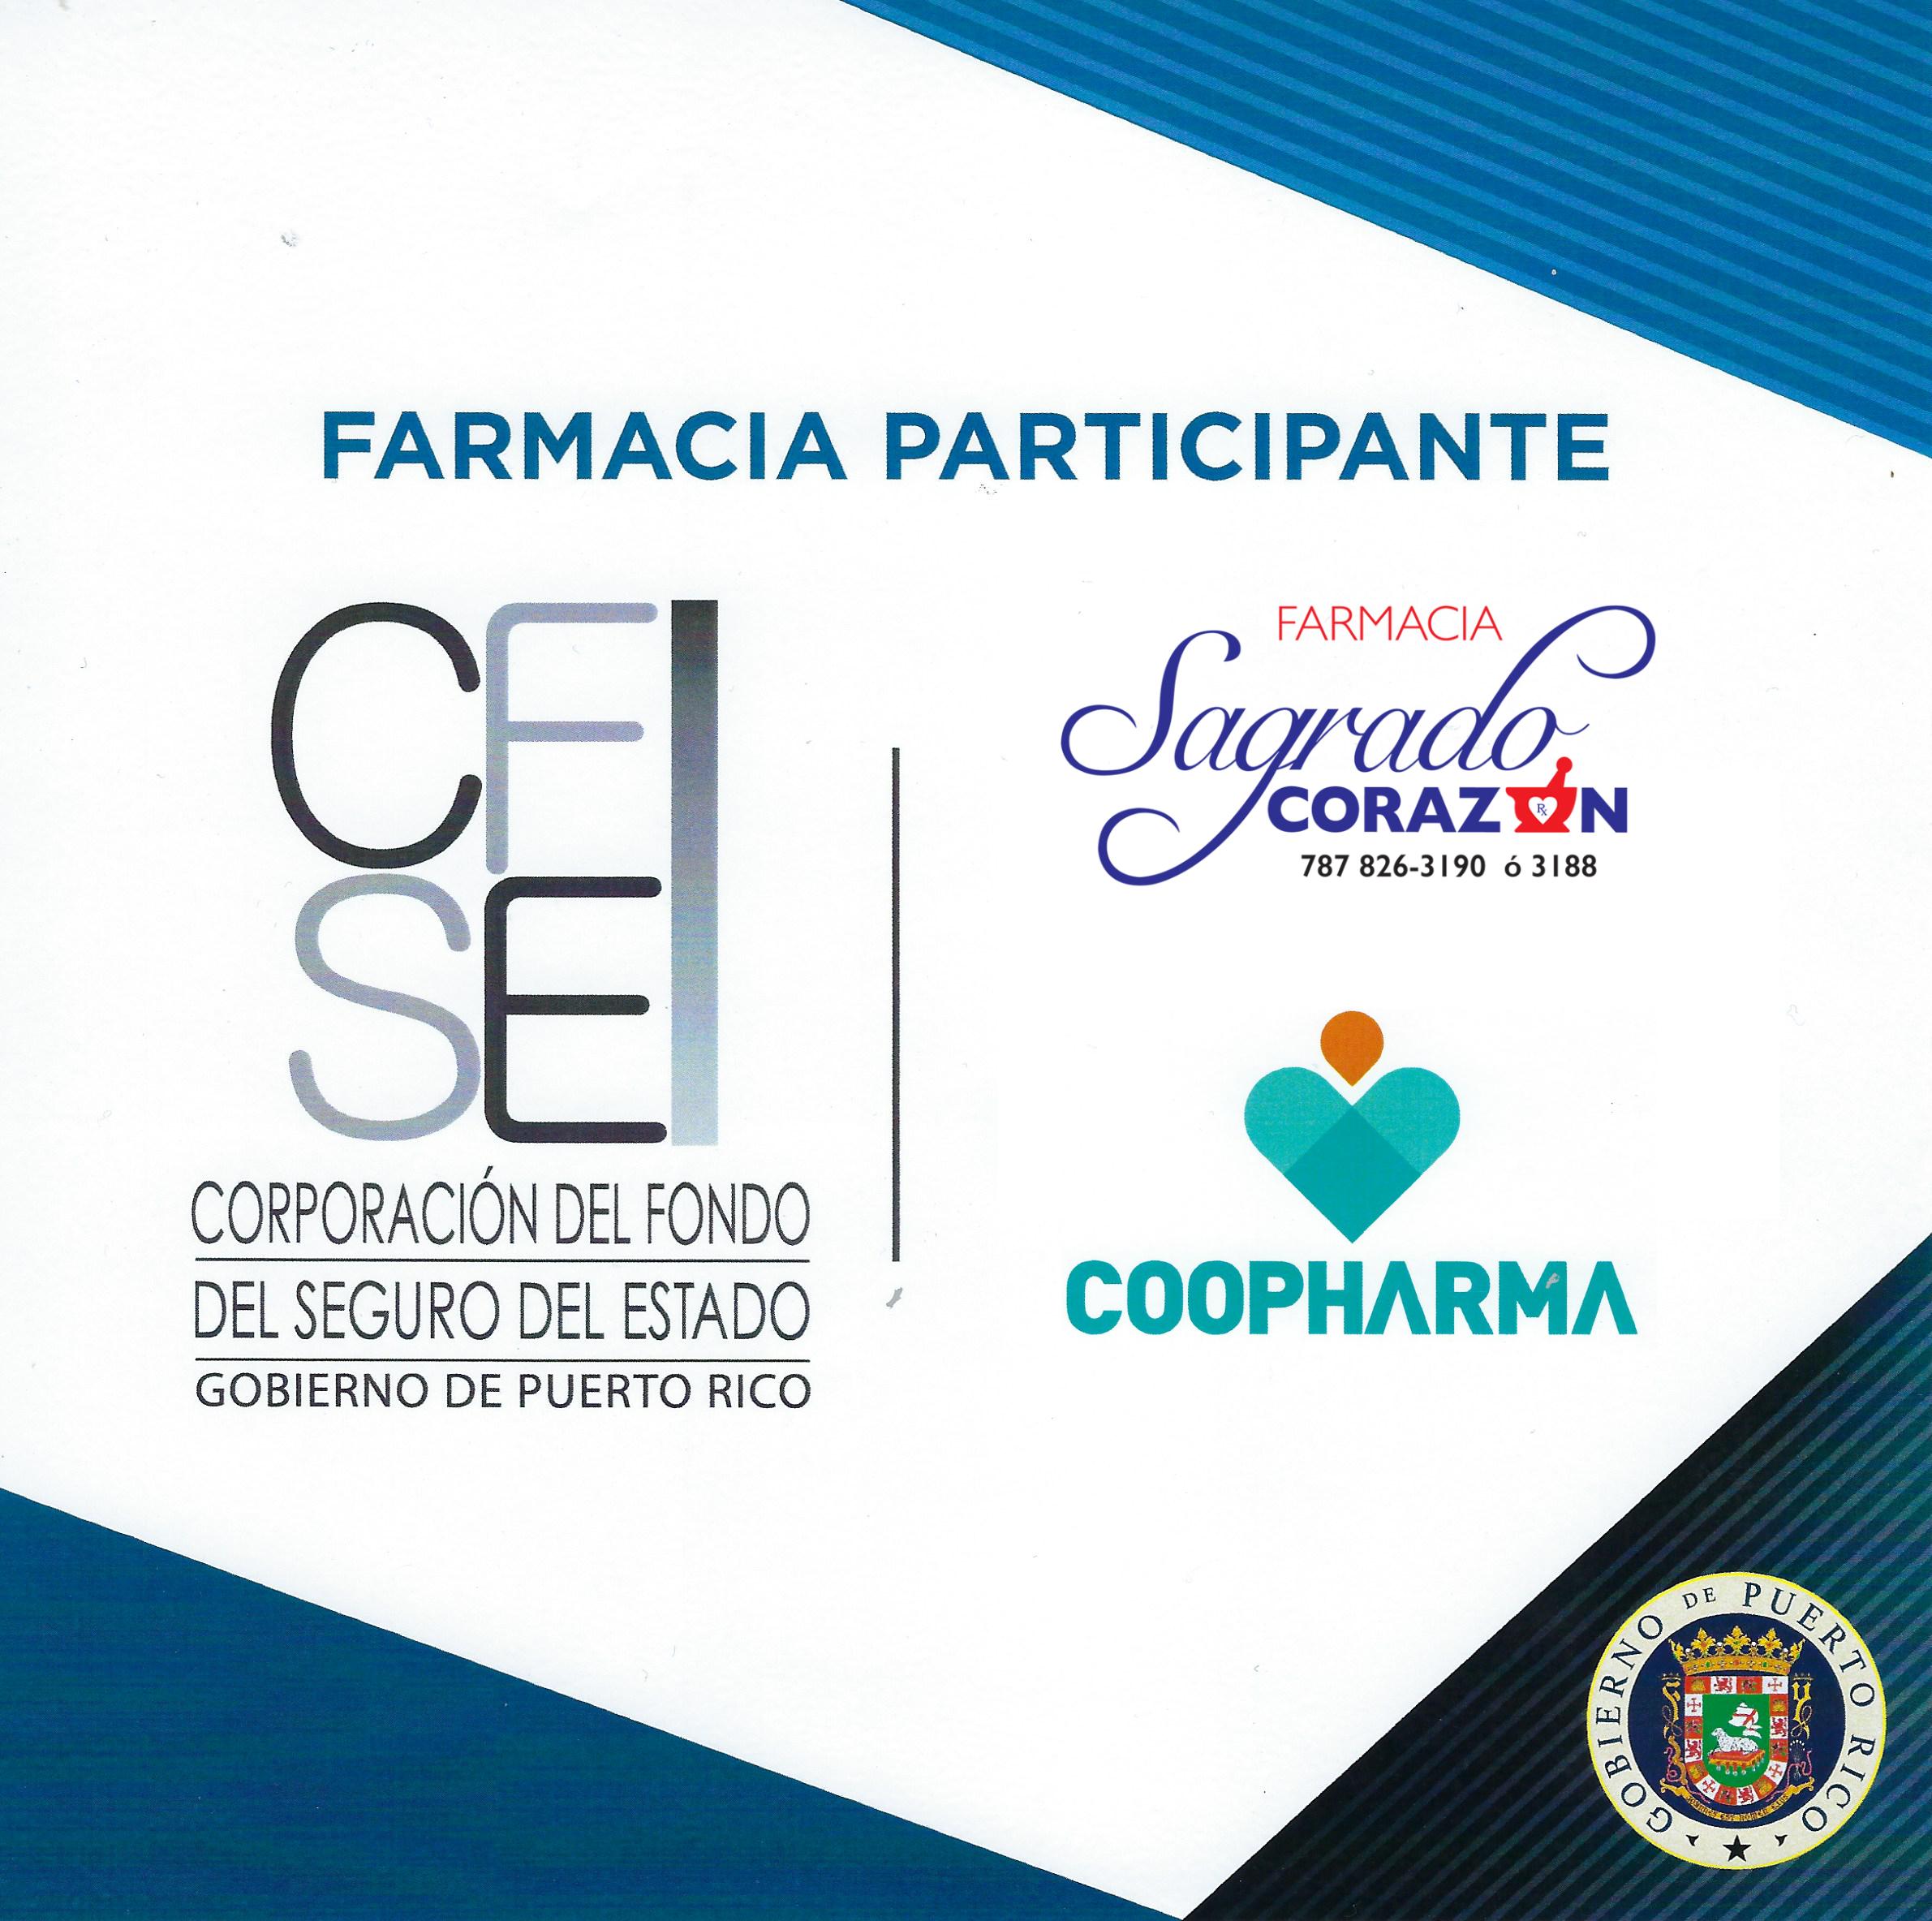 CFSE1-FARSACO